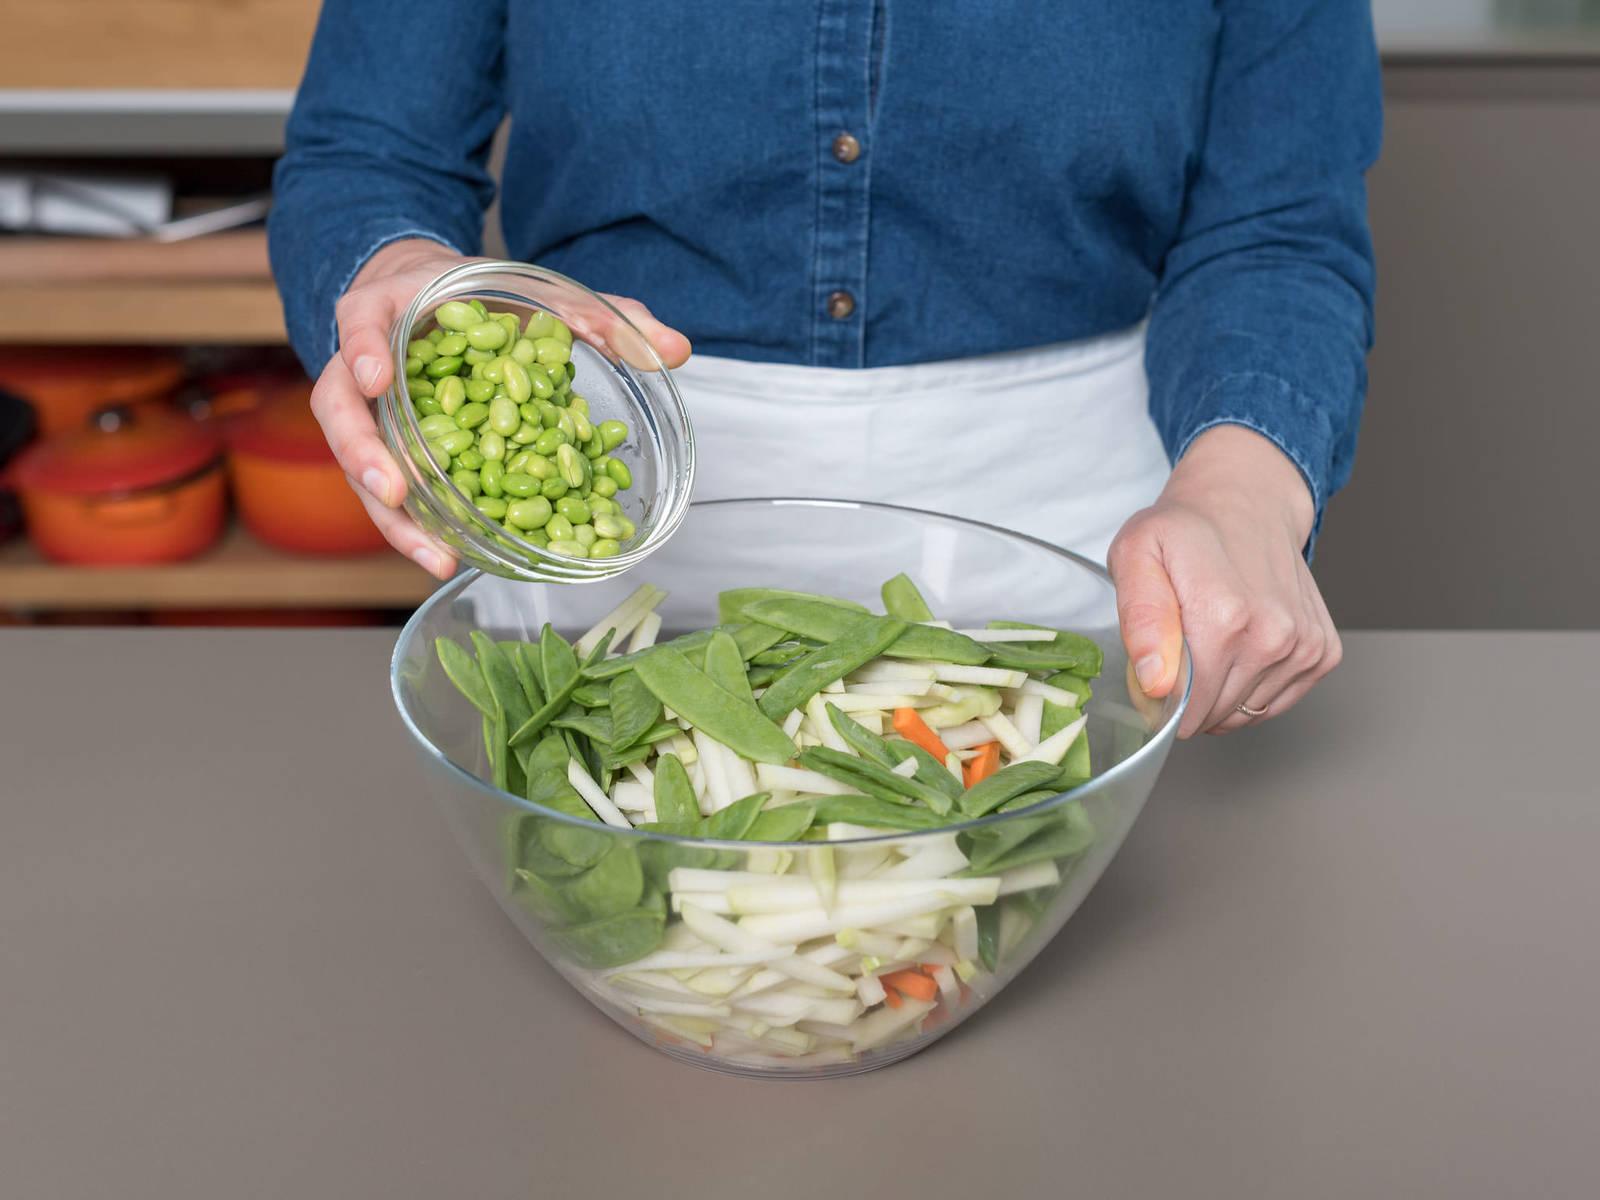 将胡萝卜丝和苤蓝丝与毛豆、蜜豆搅拌混合,然后置于一旁。